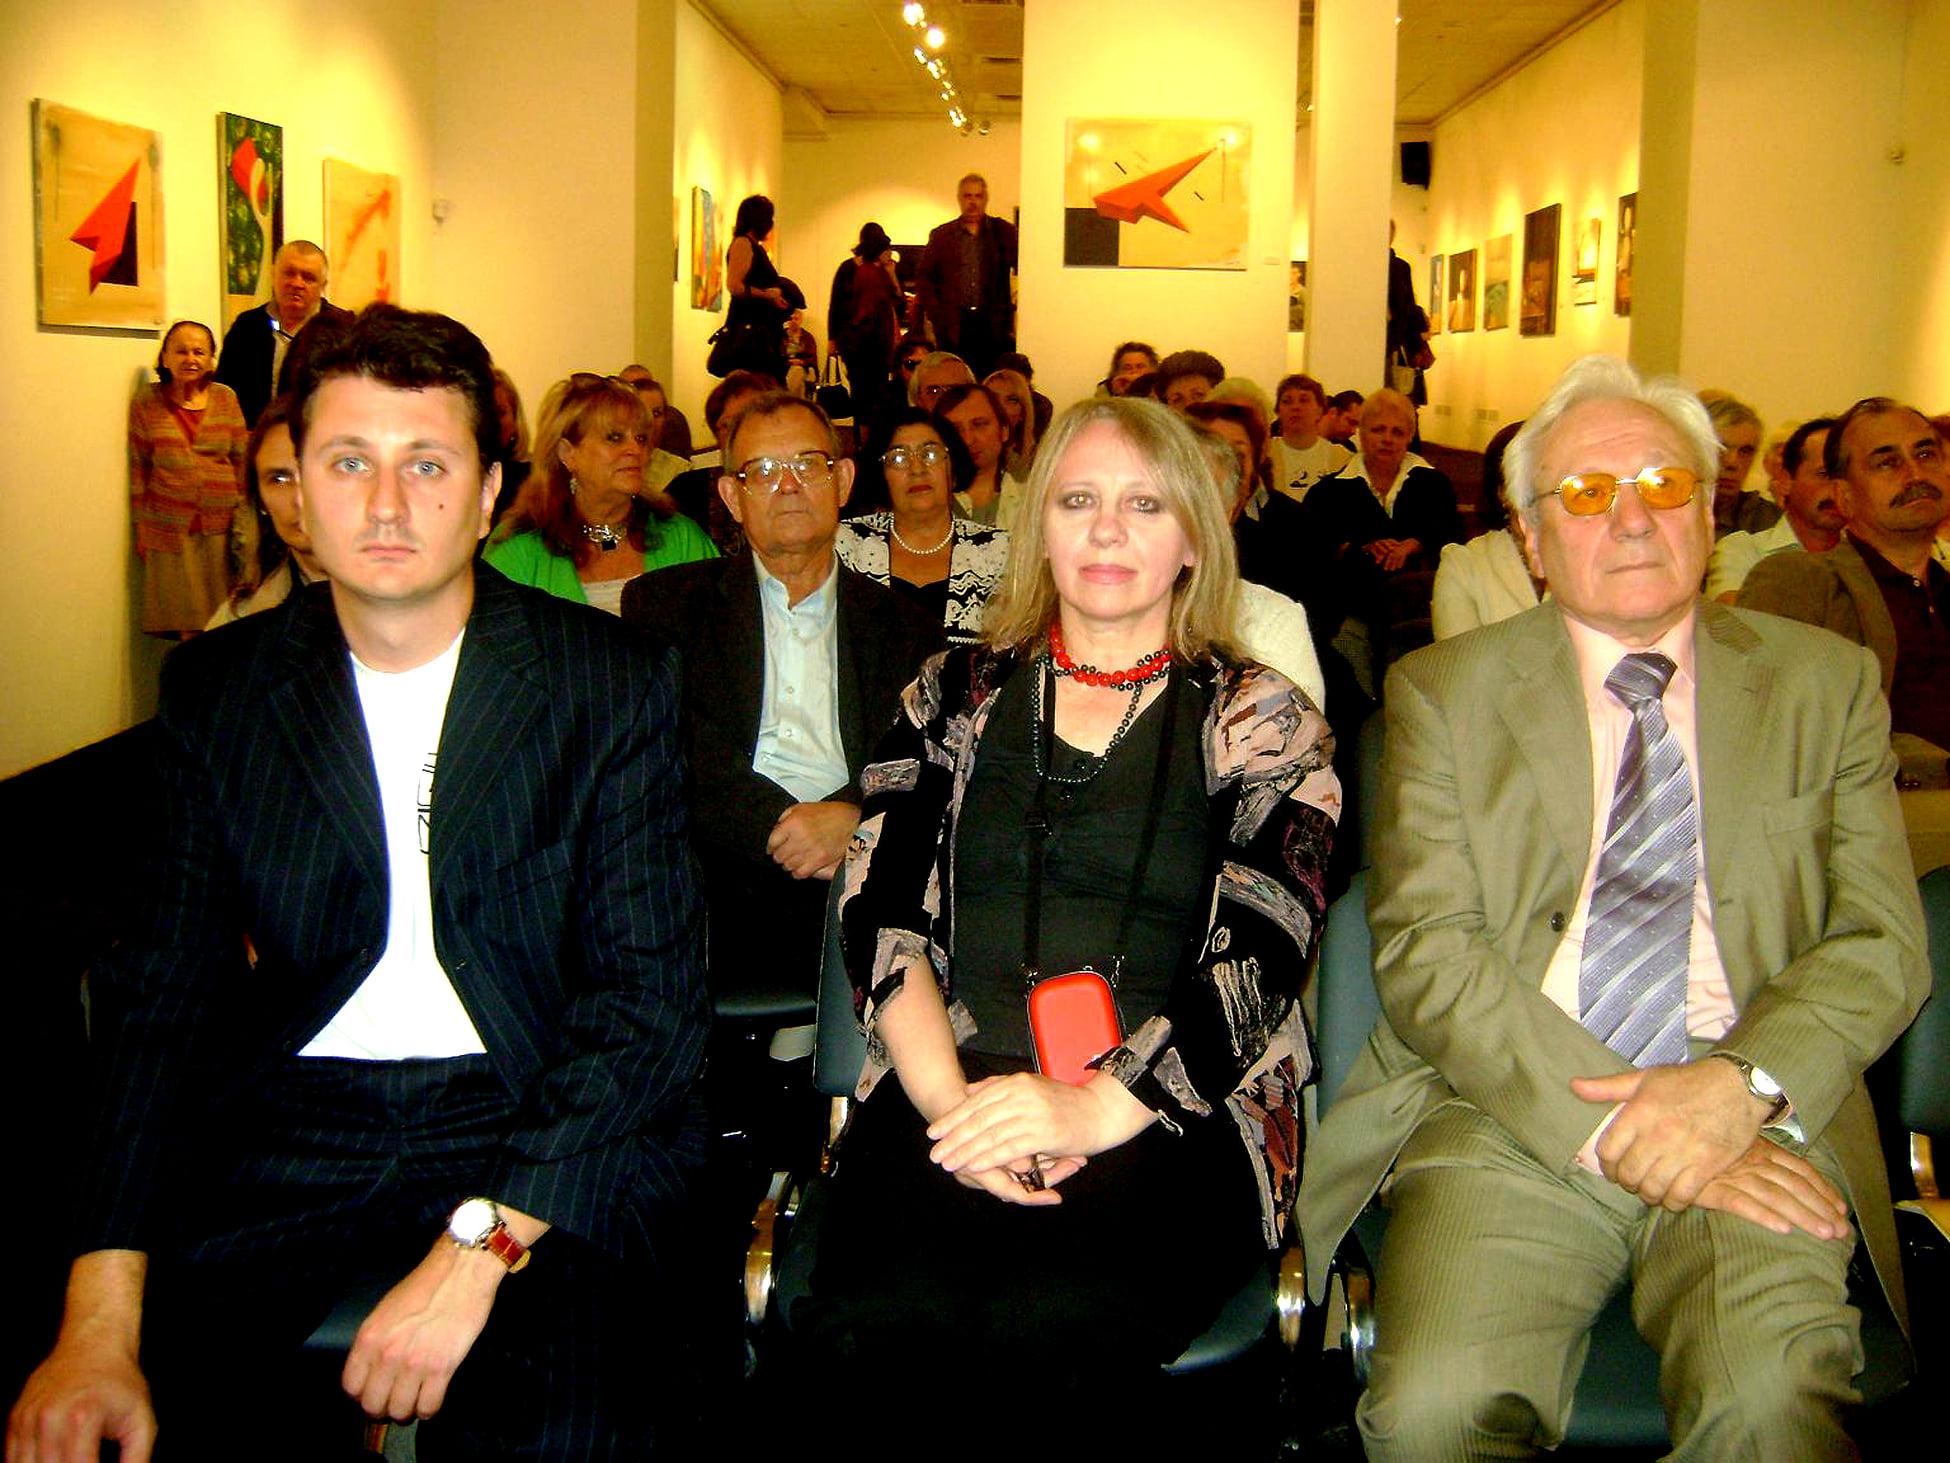 Александр Трифонов, Нина Краснова, Сергей Филатов. Галерея на Солянке. 2009.